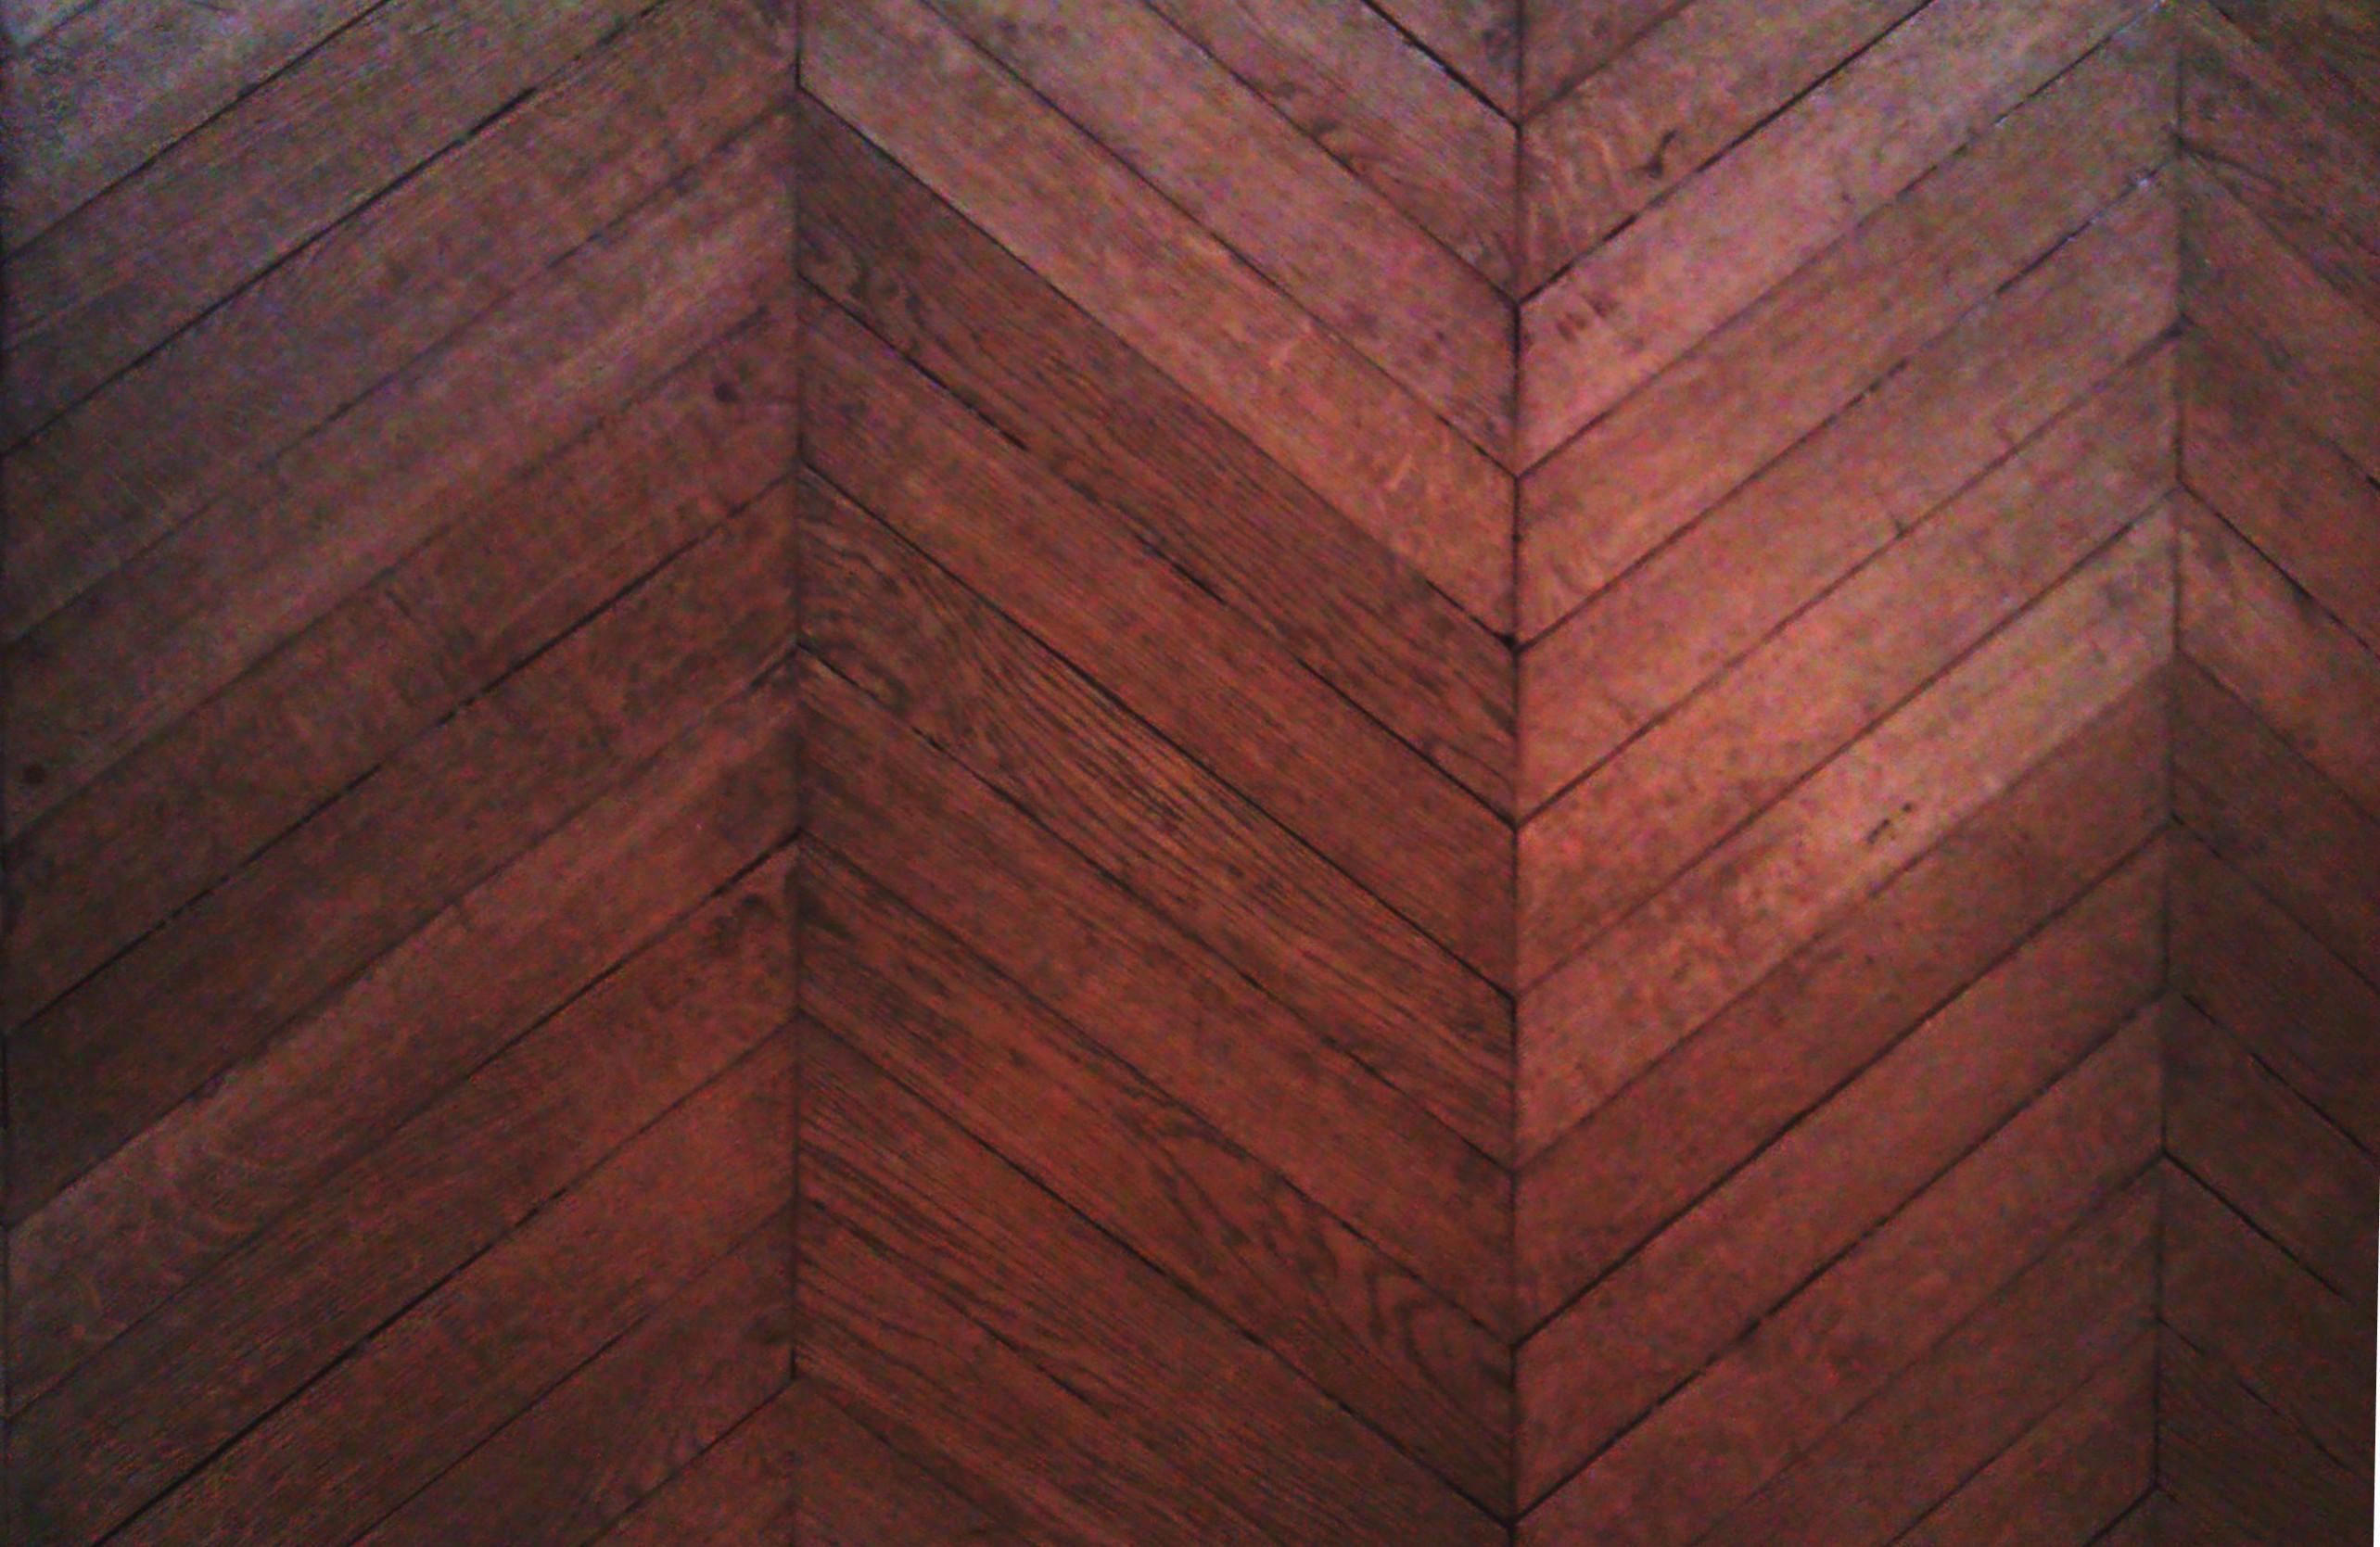 רצפה מעץ טבעי או פרקט למינציה- סוגי הפרקטים השונים וכיצד להכריע ביניהם